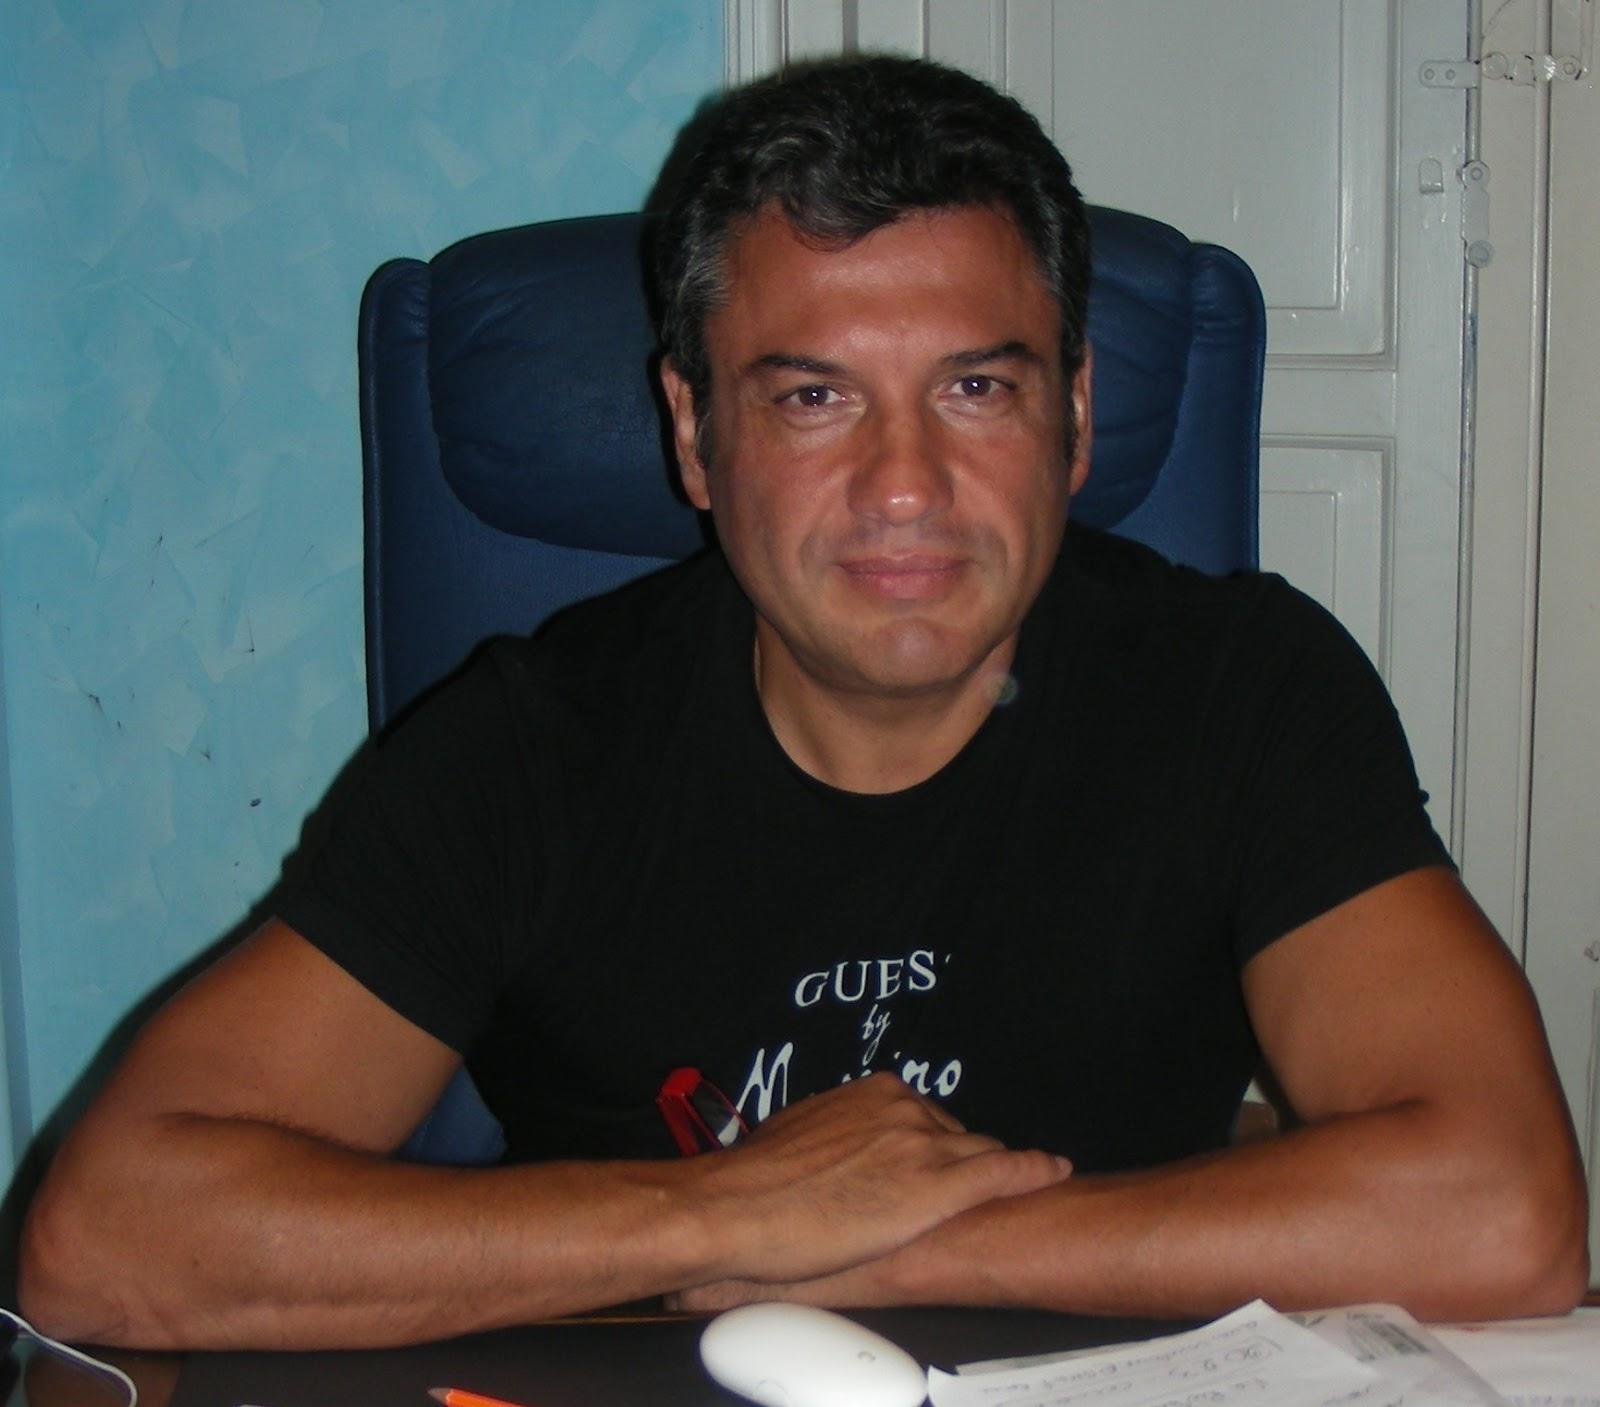 Matteo Tutino, medico al centro delle polemiche, (annamariascicolone.blogspot.com.es)